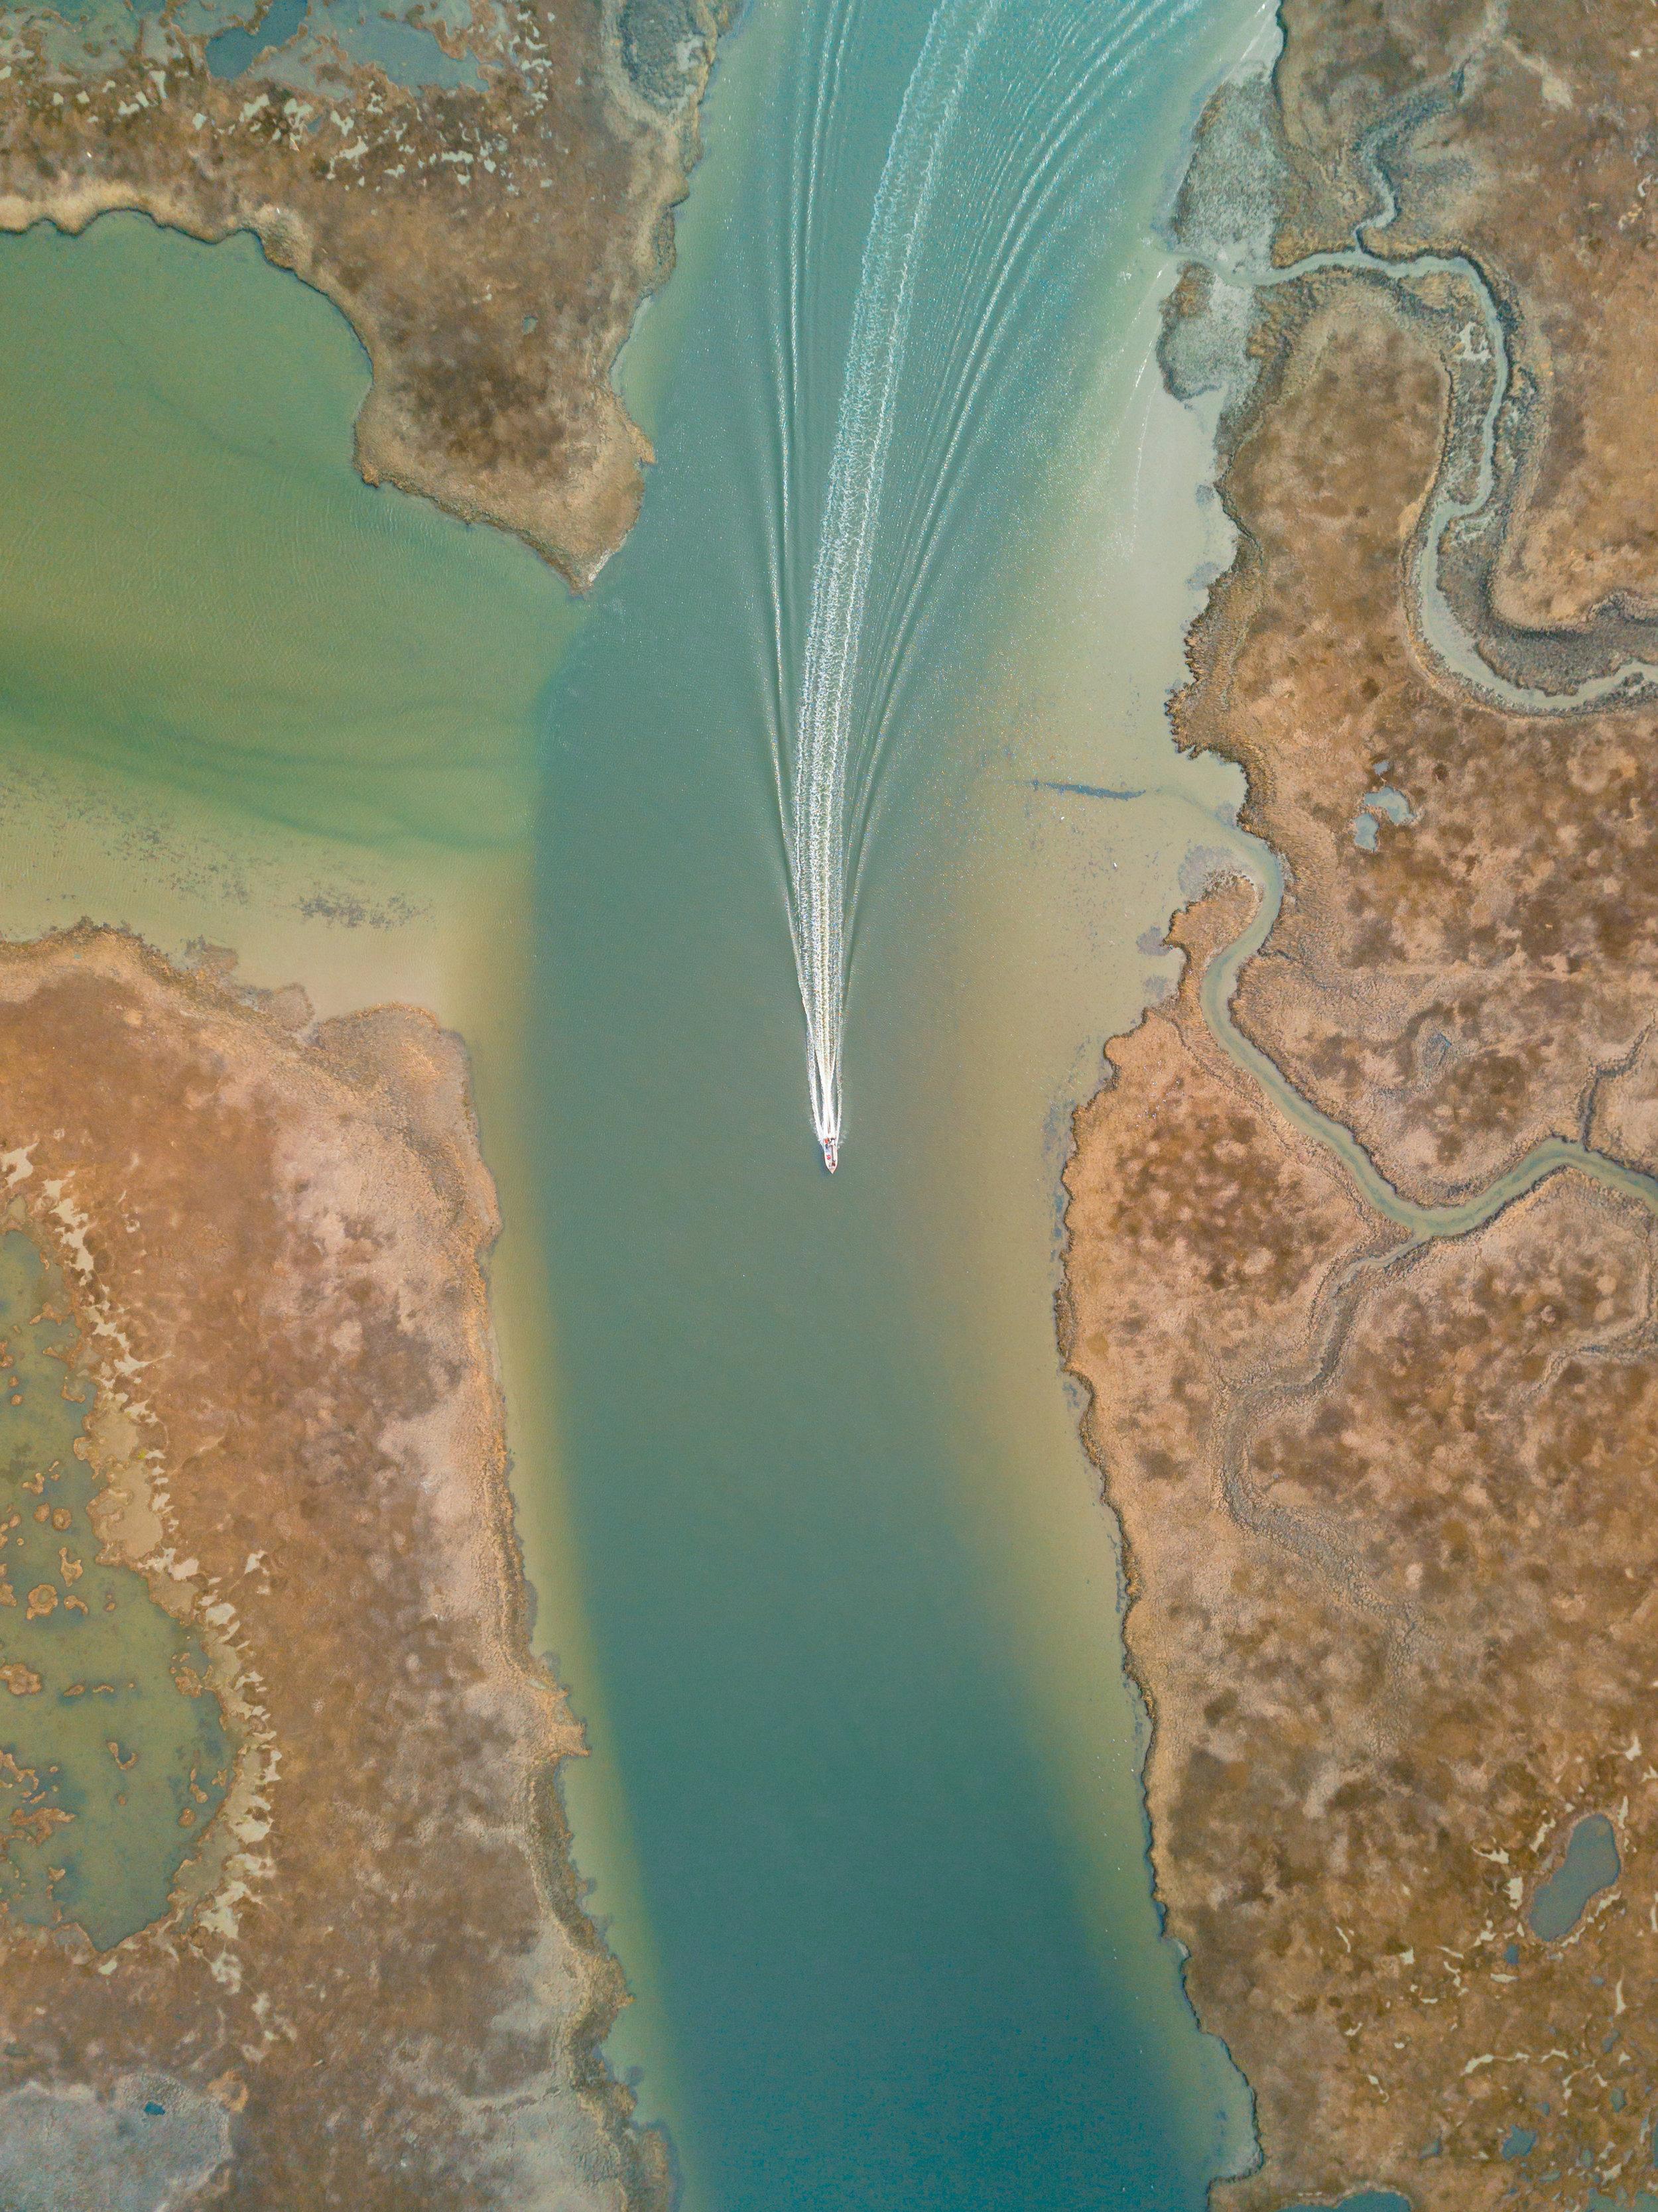 passingtheoughthemarsh_typoland_aerial.jpg